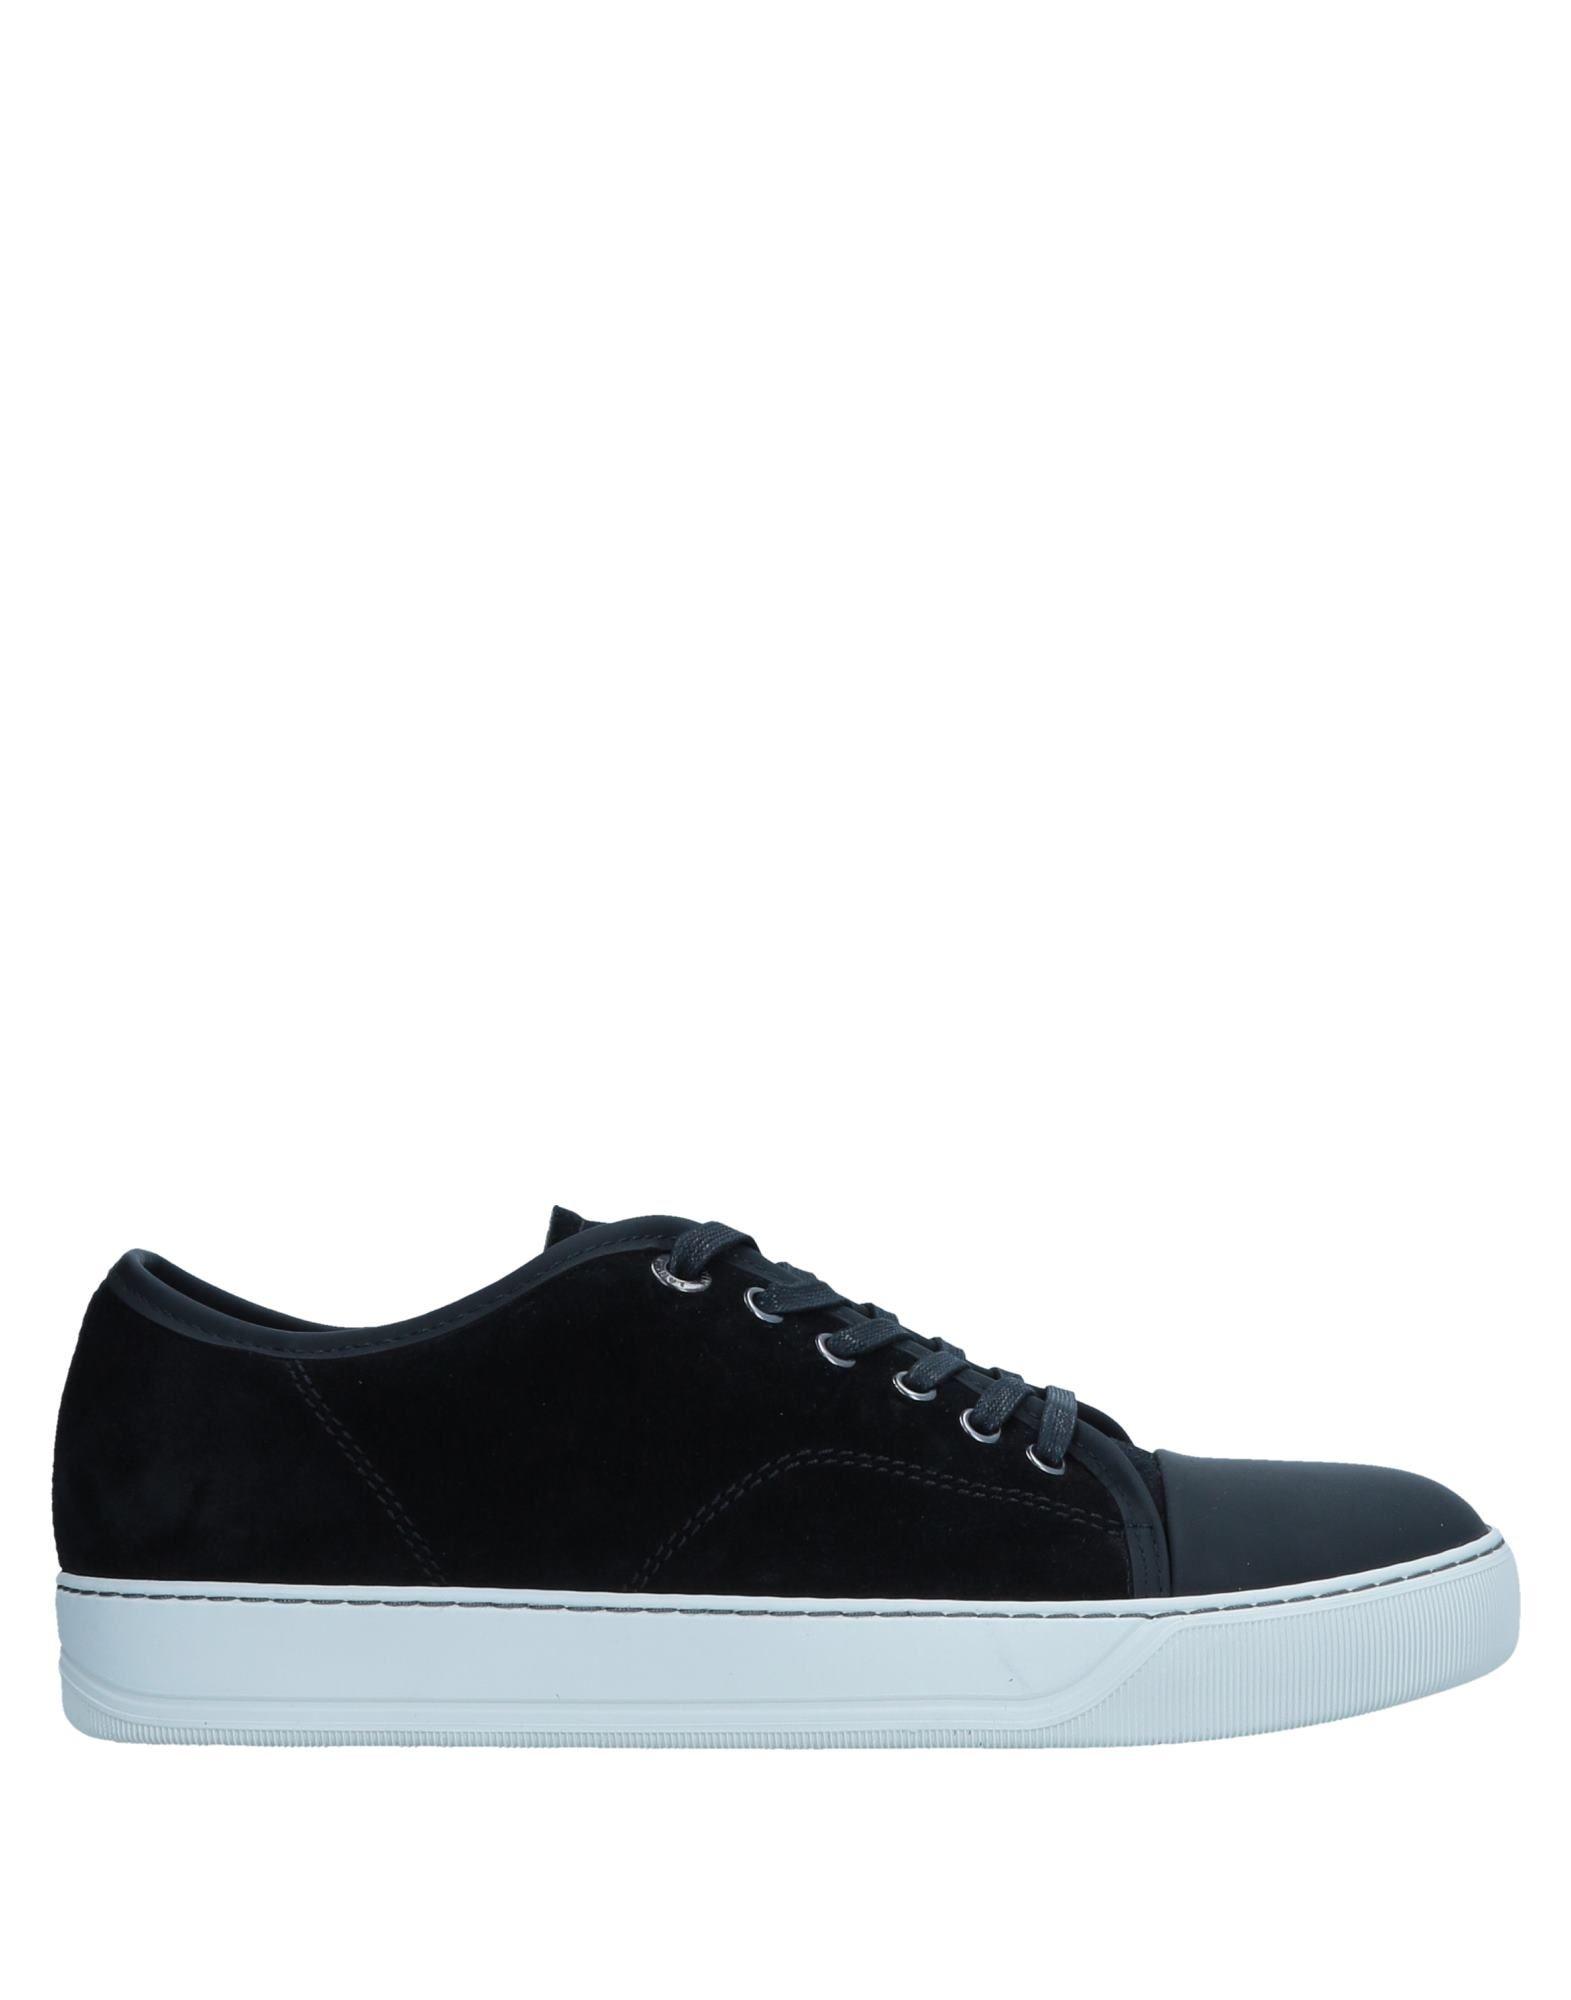 Lanvin Sneakers - Men Lanvin Sneakers Kingdom online on  United Kingdom Sneakers - 11467357ST 2d1535